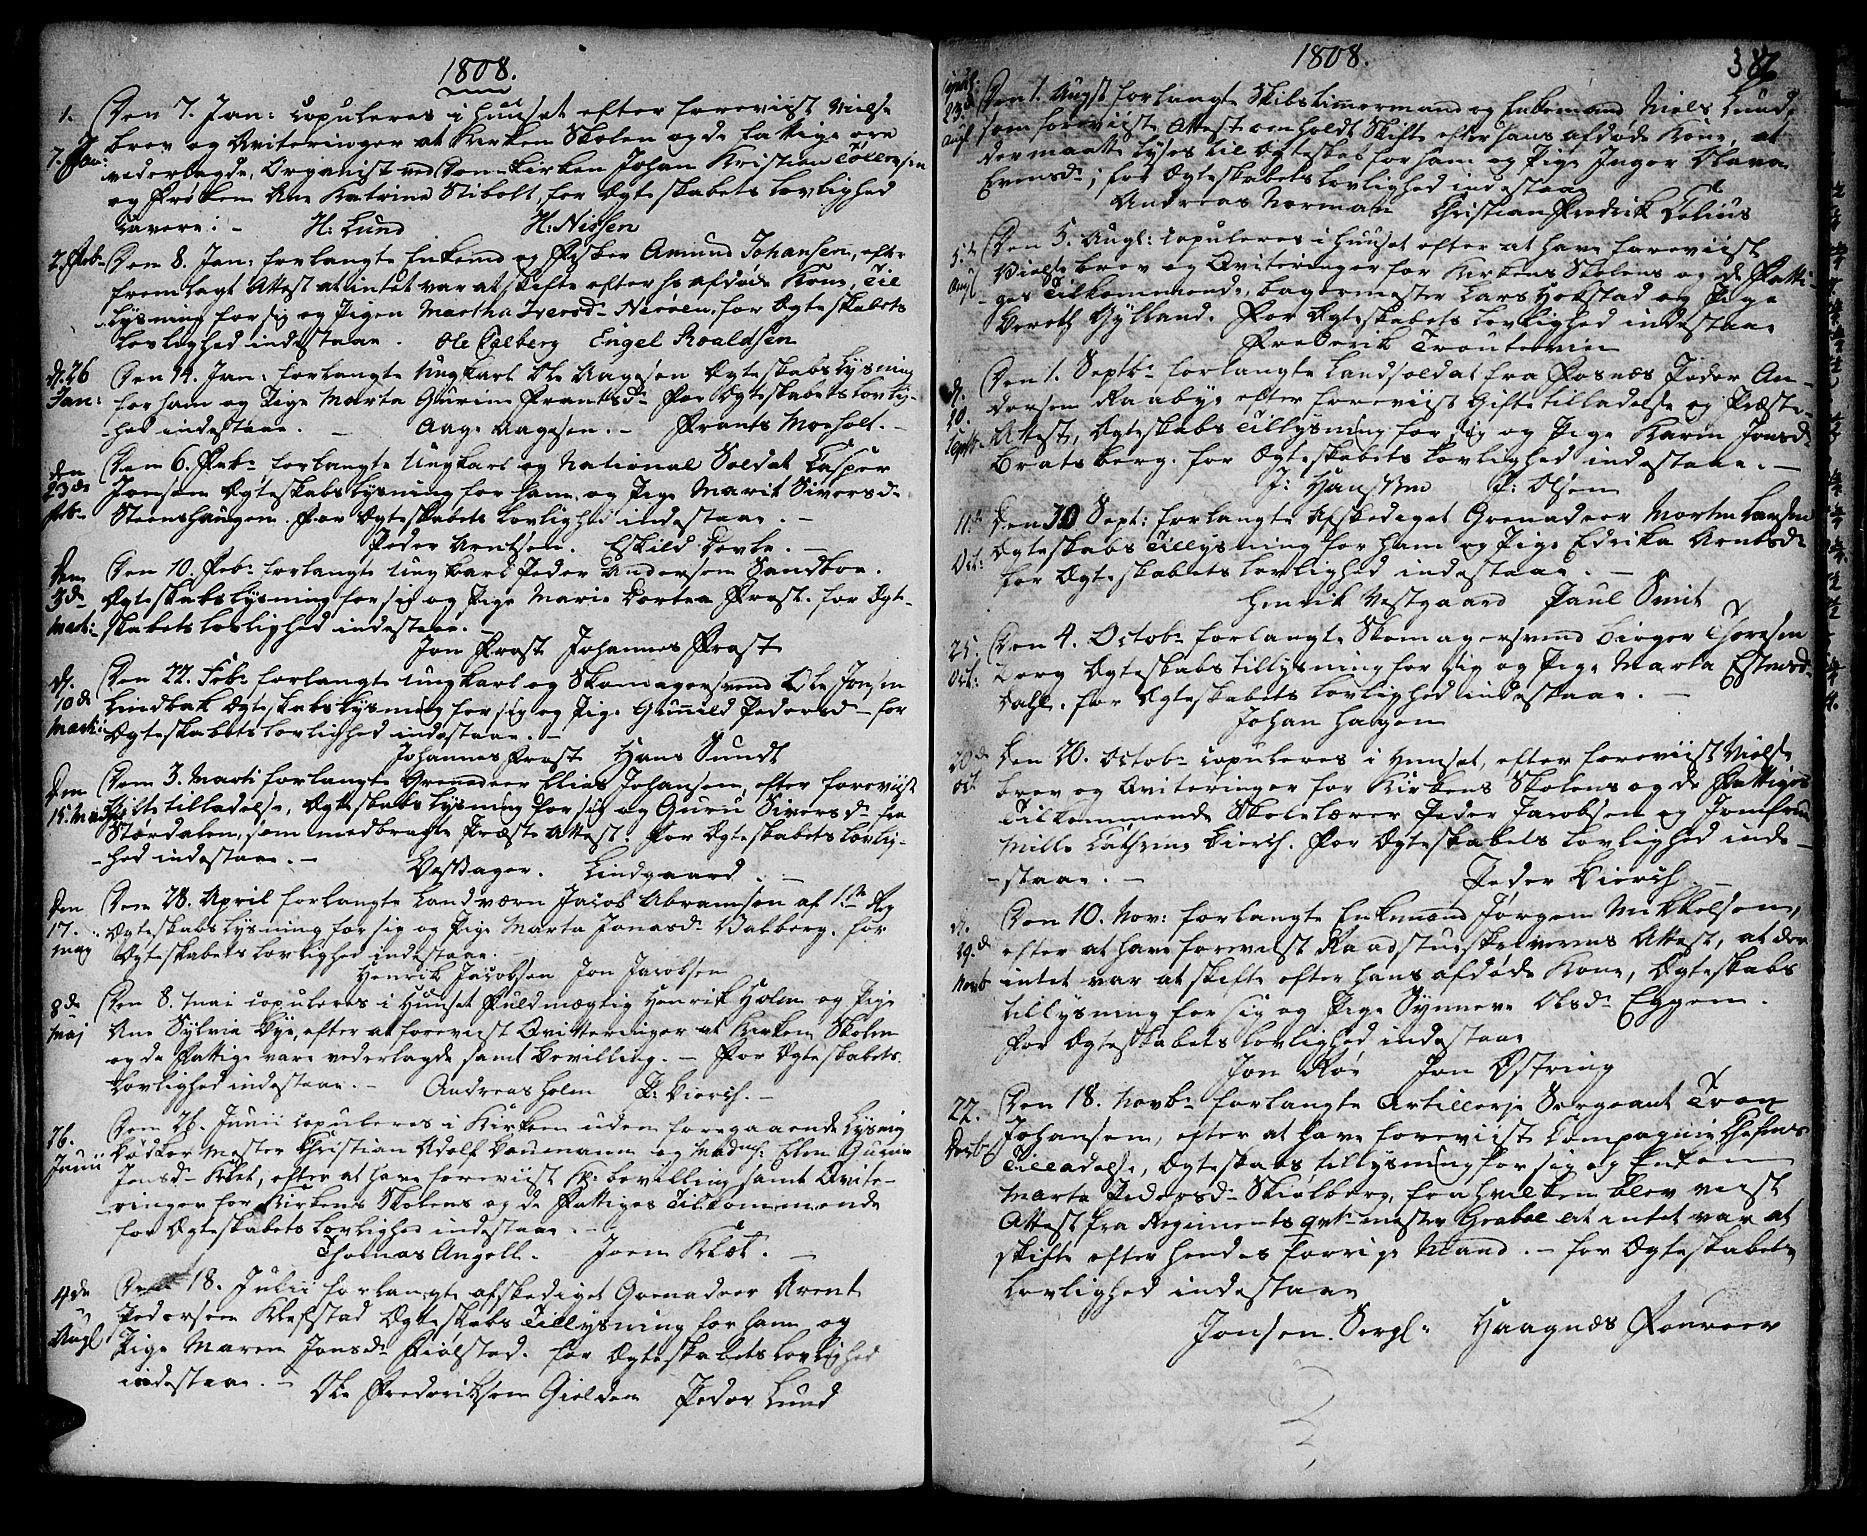 SAT, Ministerialprotokoller, klokkerbøker og fødselsregistre - Sør-Trøndelag, 601/L0038: Ministerialbok nr. 601A06, 1766-1877, s. 386